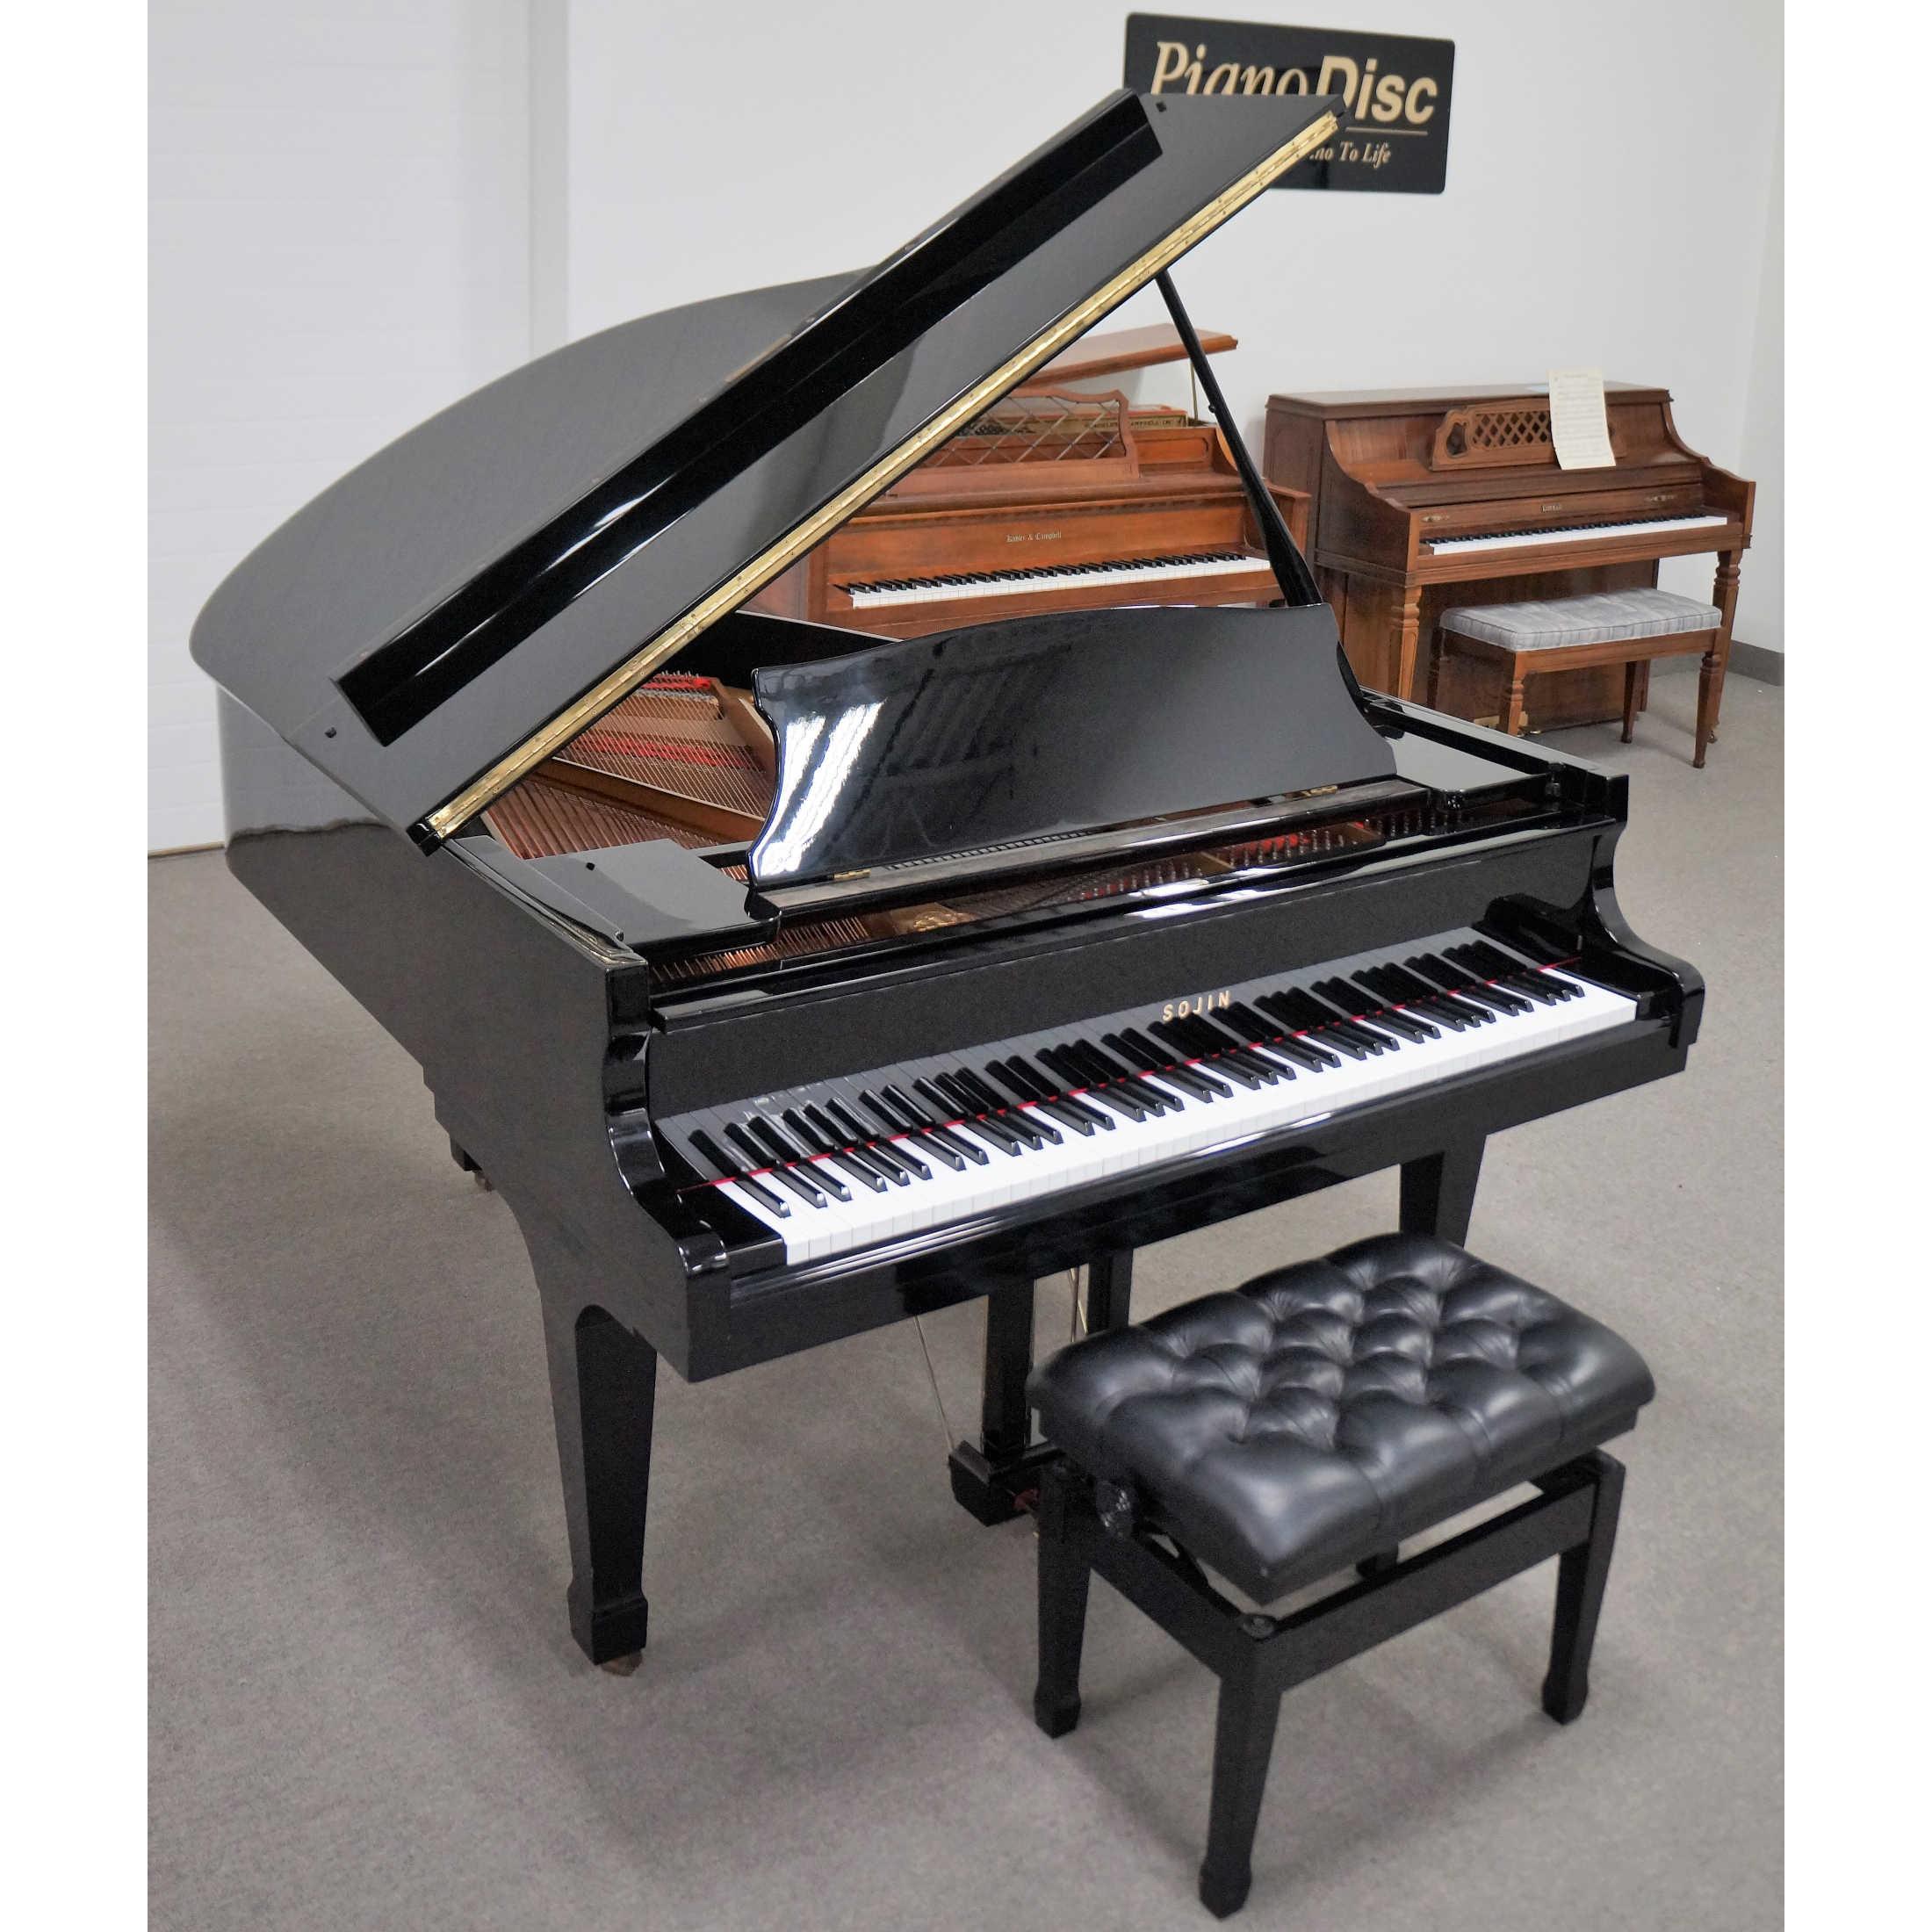 Sojin DG2 Grand Piano Black Polish Finish